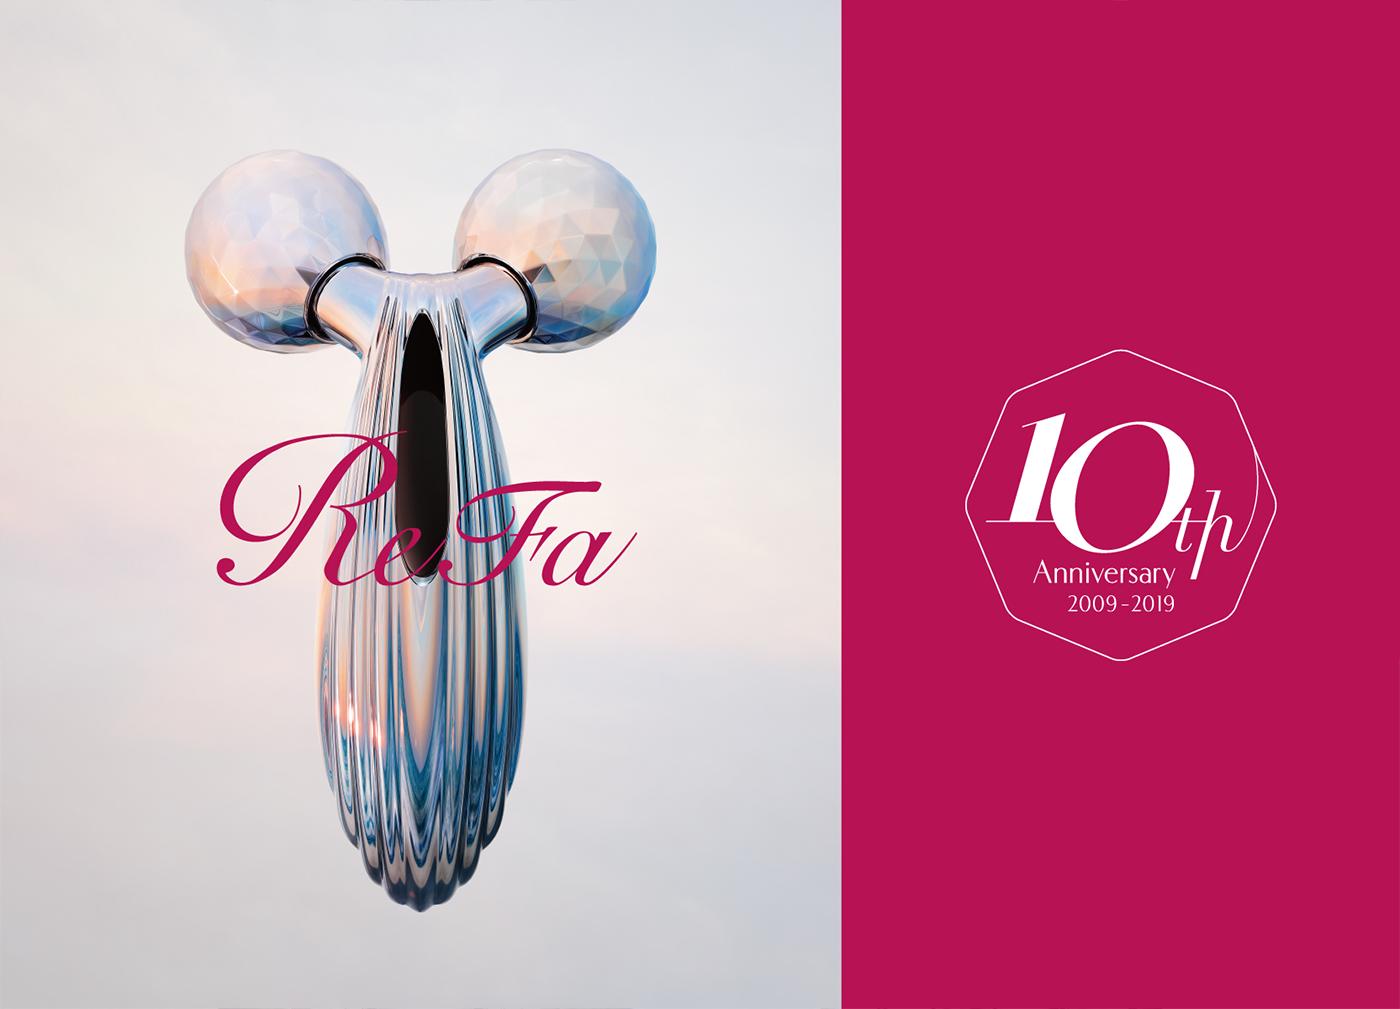 2019年2月、美容ブランド『ReFa(リファ)』は誕生10周年を迎えます。